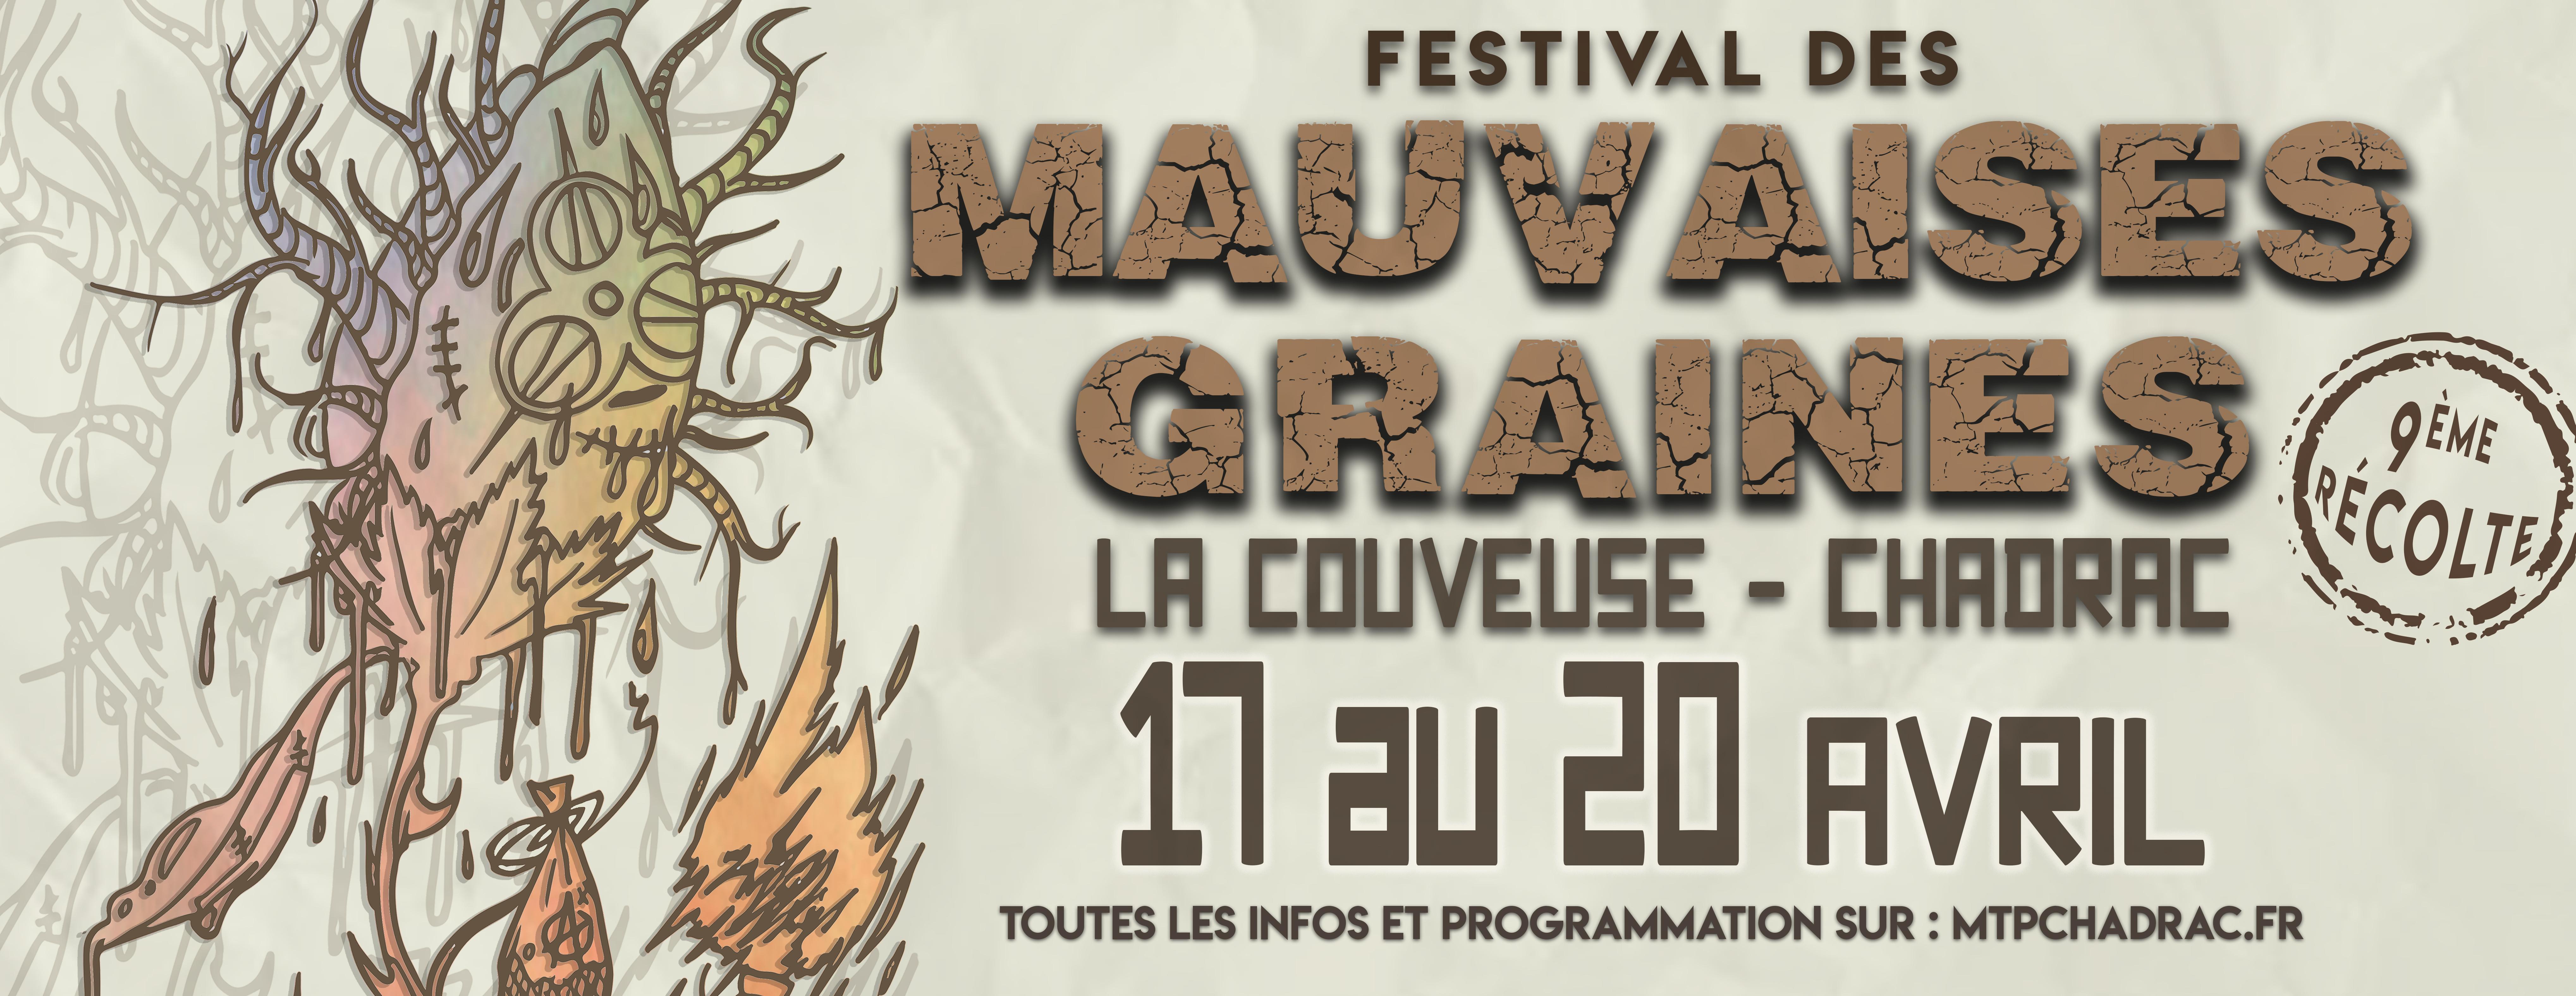 Découvrez toute la programmation de la 9ème récolte du festival des Mauvaises Graines